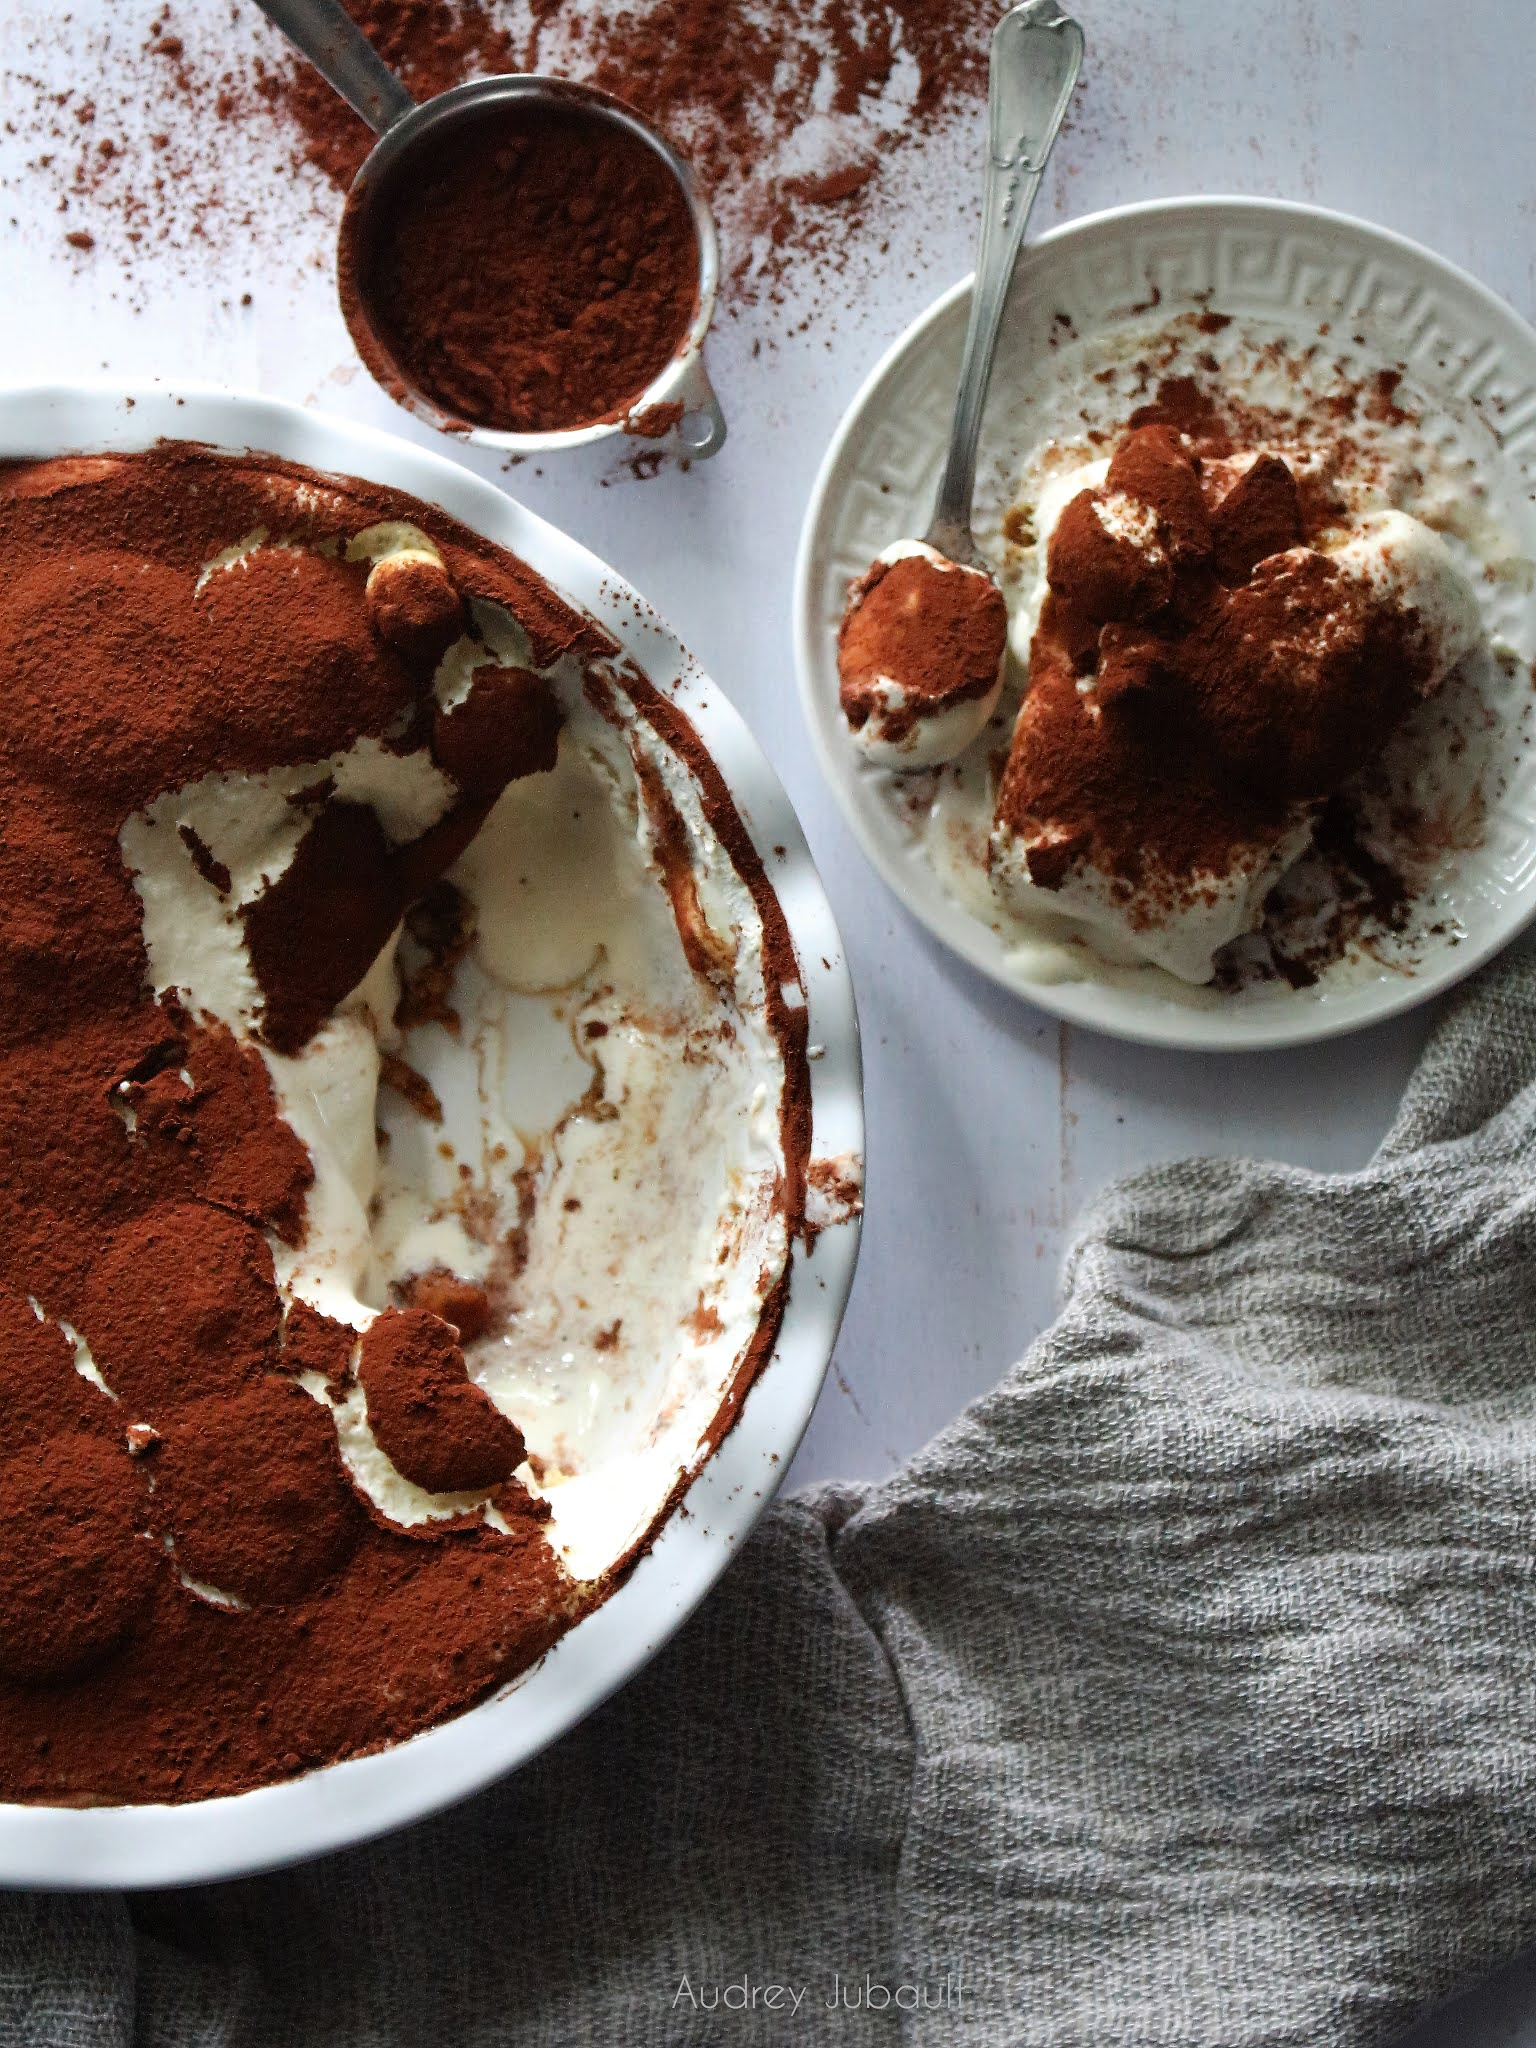 Write recipe photo description here